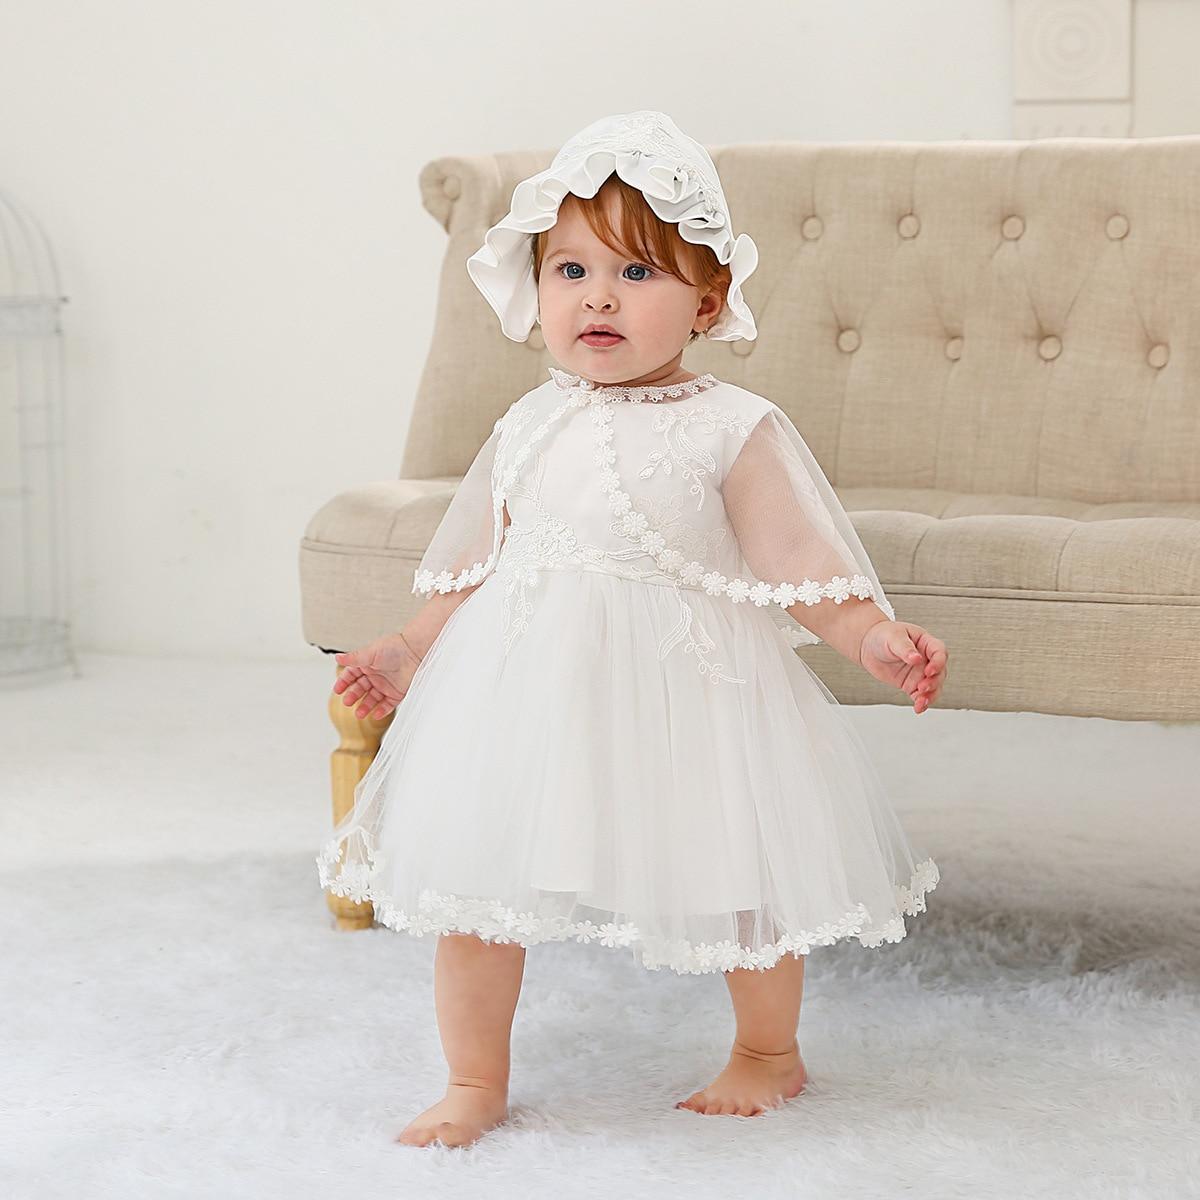 BBWOWLIN Blanc 3 pièces Bambin Filles Princesse Robes De Baptême Bébé Fille 1 An Vêtements De Fête D'anniversaire Baptême Robe De Bal 9034